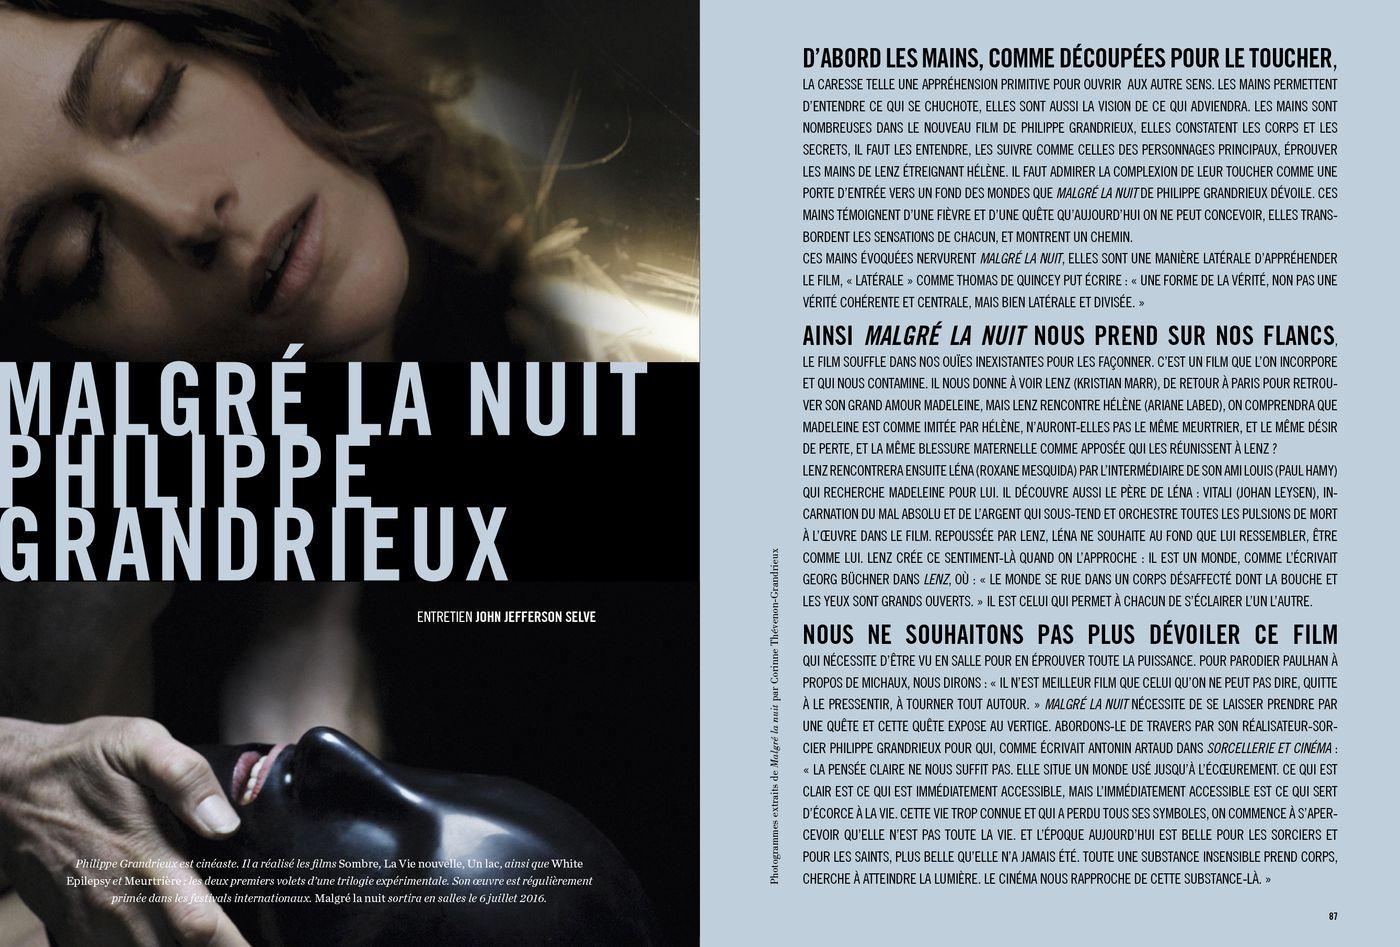 Possession Immédiate Volume 5 - Entretien de John Jefferson Selve avec Philippe Grandrieux, Malgré la nuit